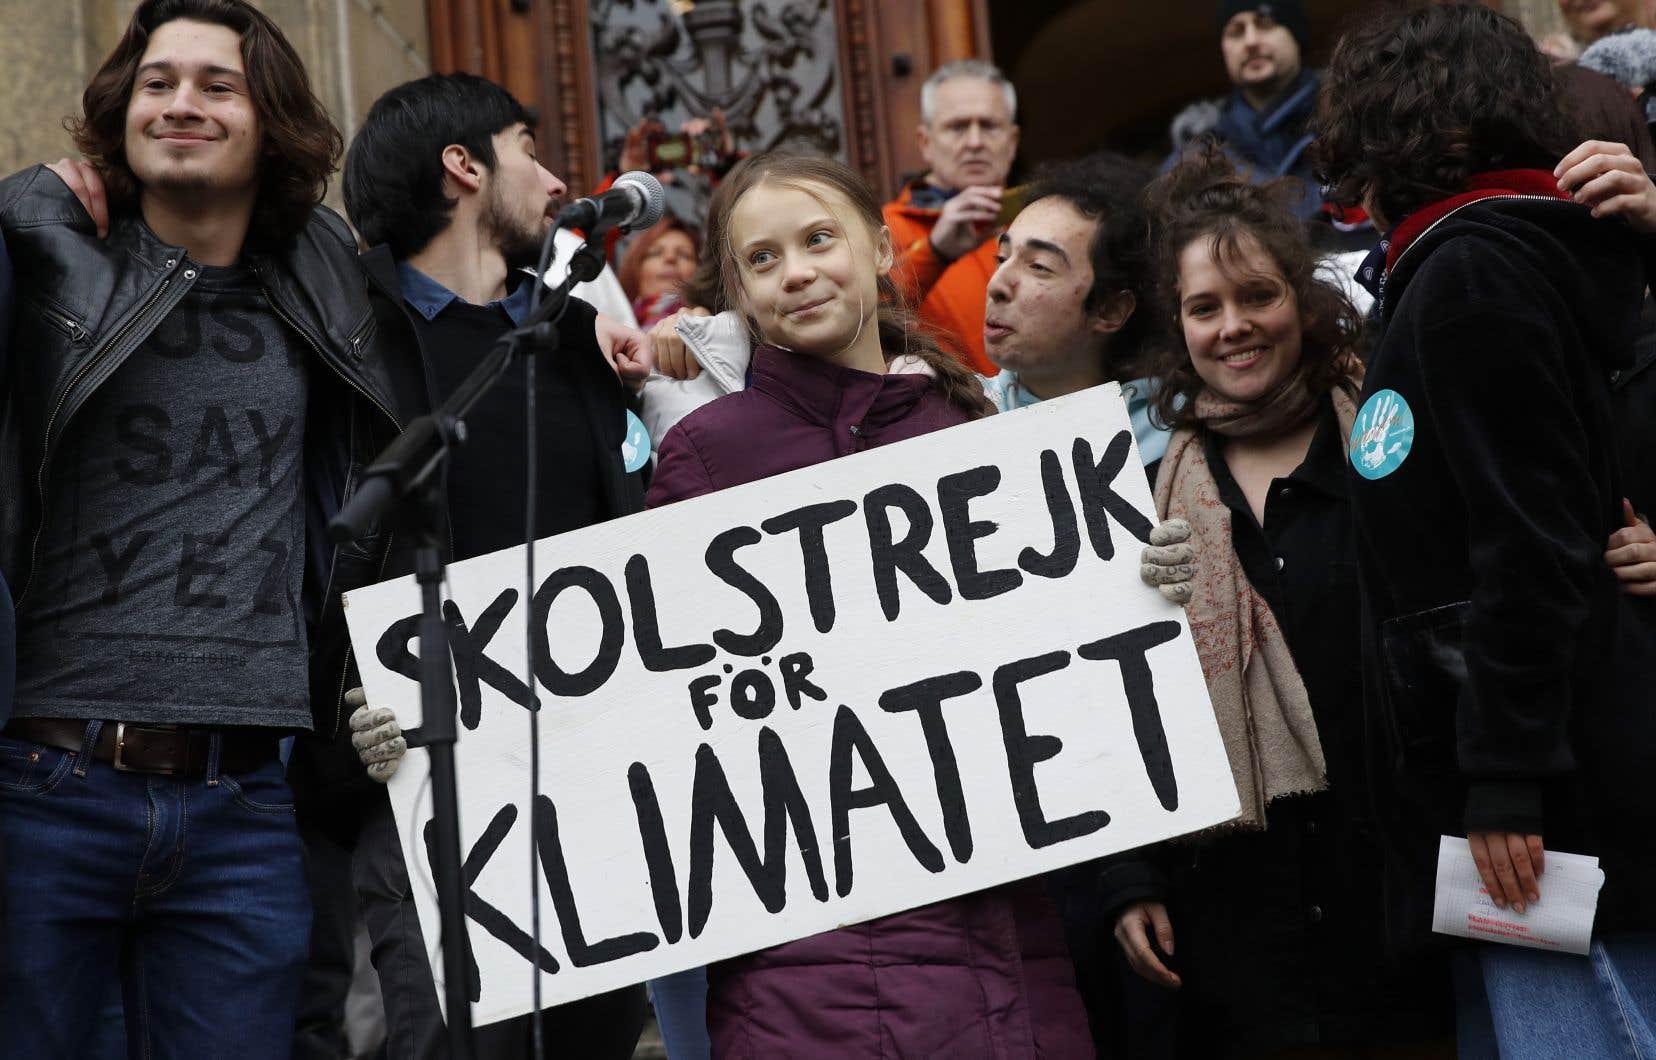 Greta Thunberga été propulsée porte-parole d'une génération hantée par la crise climatique depuis qu'elle a commencé à faire des <em>sit-in</em> devant le Parlement suédois en août 2018 avec un panneau «Grève de l'école pour le climat».